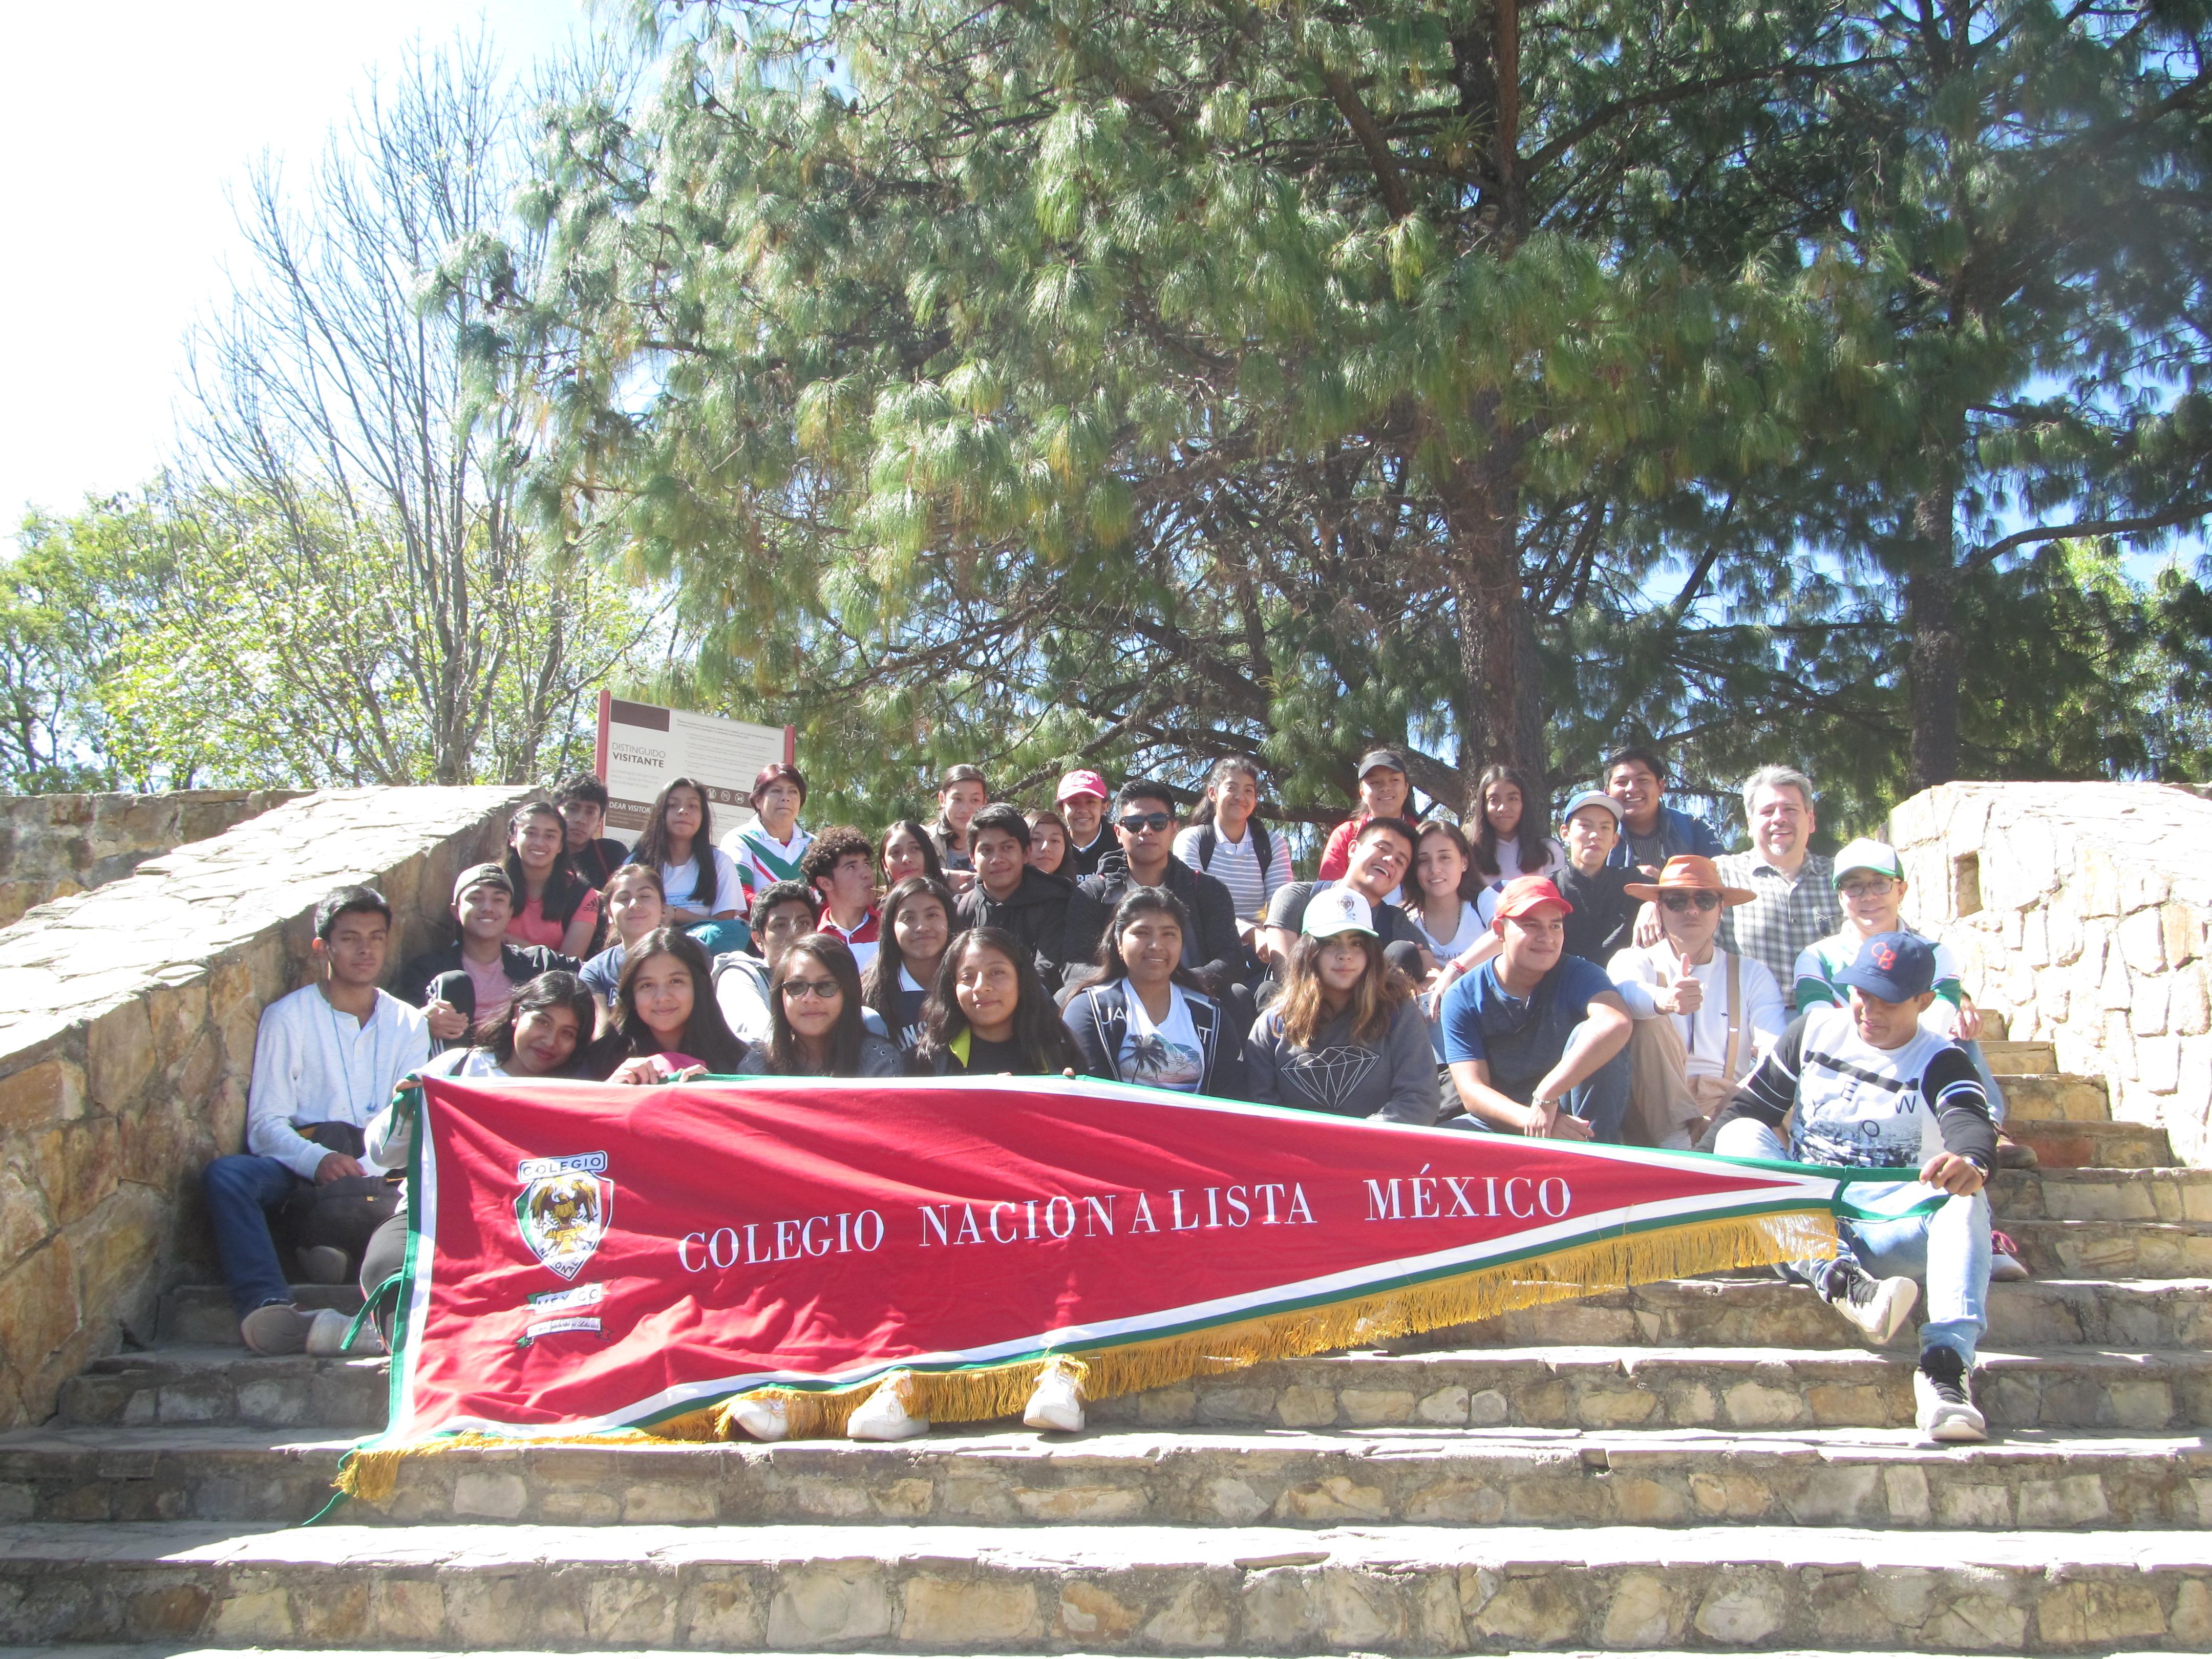 """Excursión escolar a la zona arqueológica de """"Monte Albán"""" Una maravillosa experiencia: académica, cultural y esparcimiento e integración de nuestro colegio."""